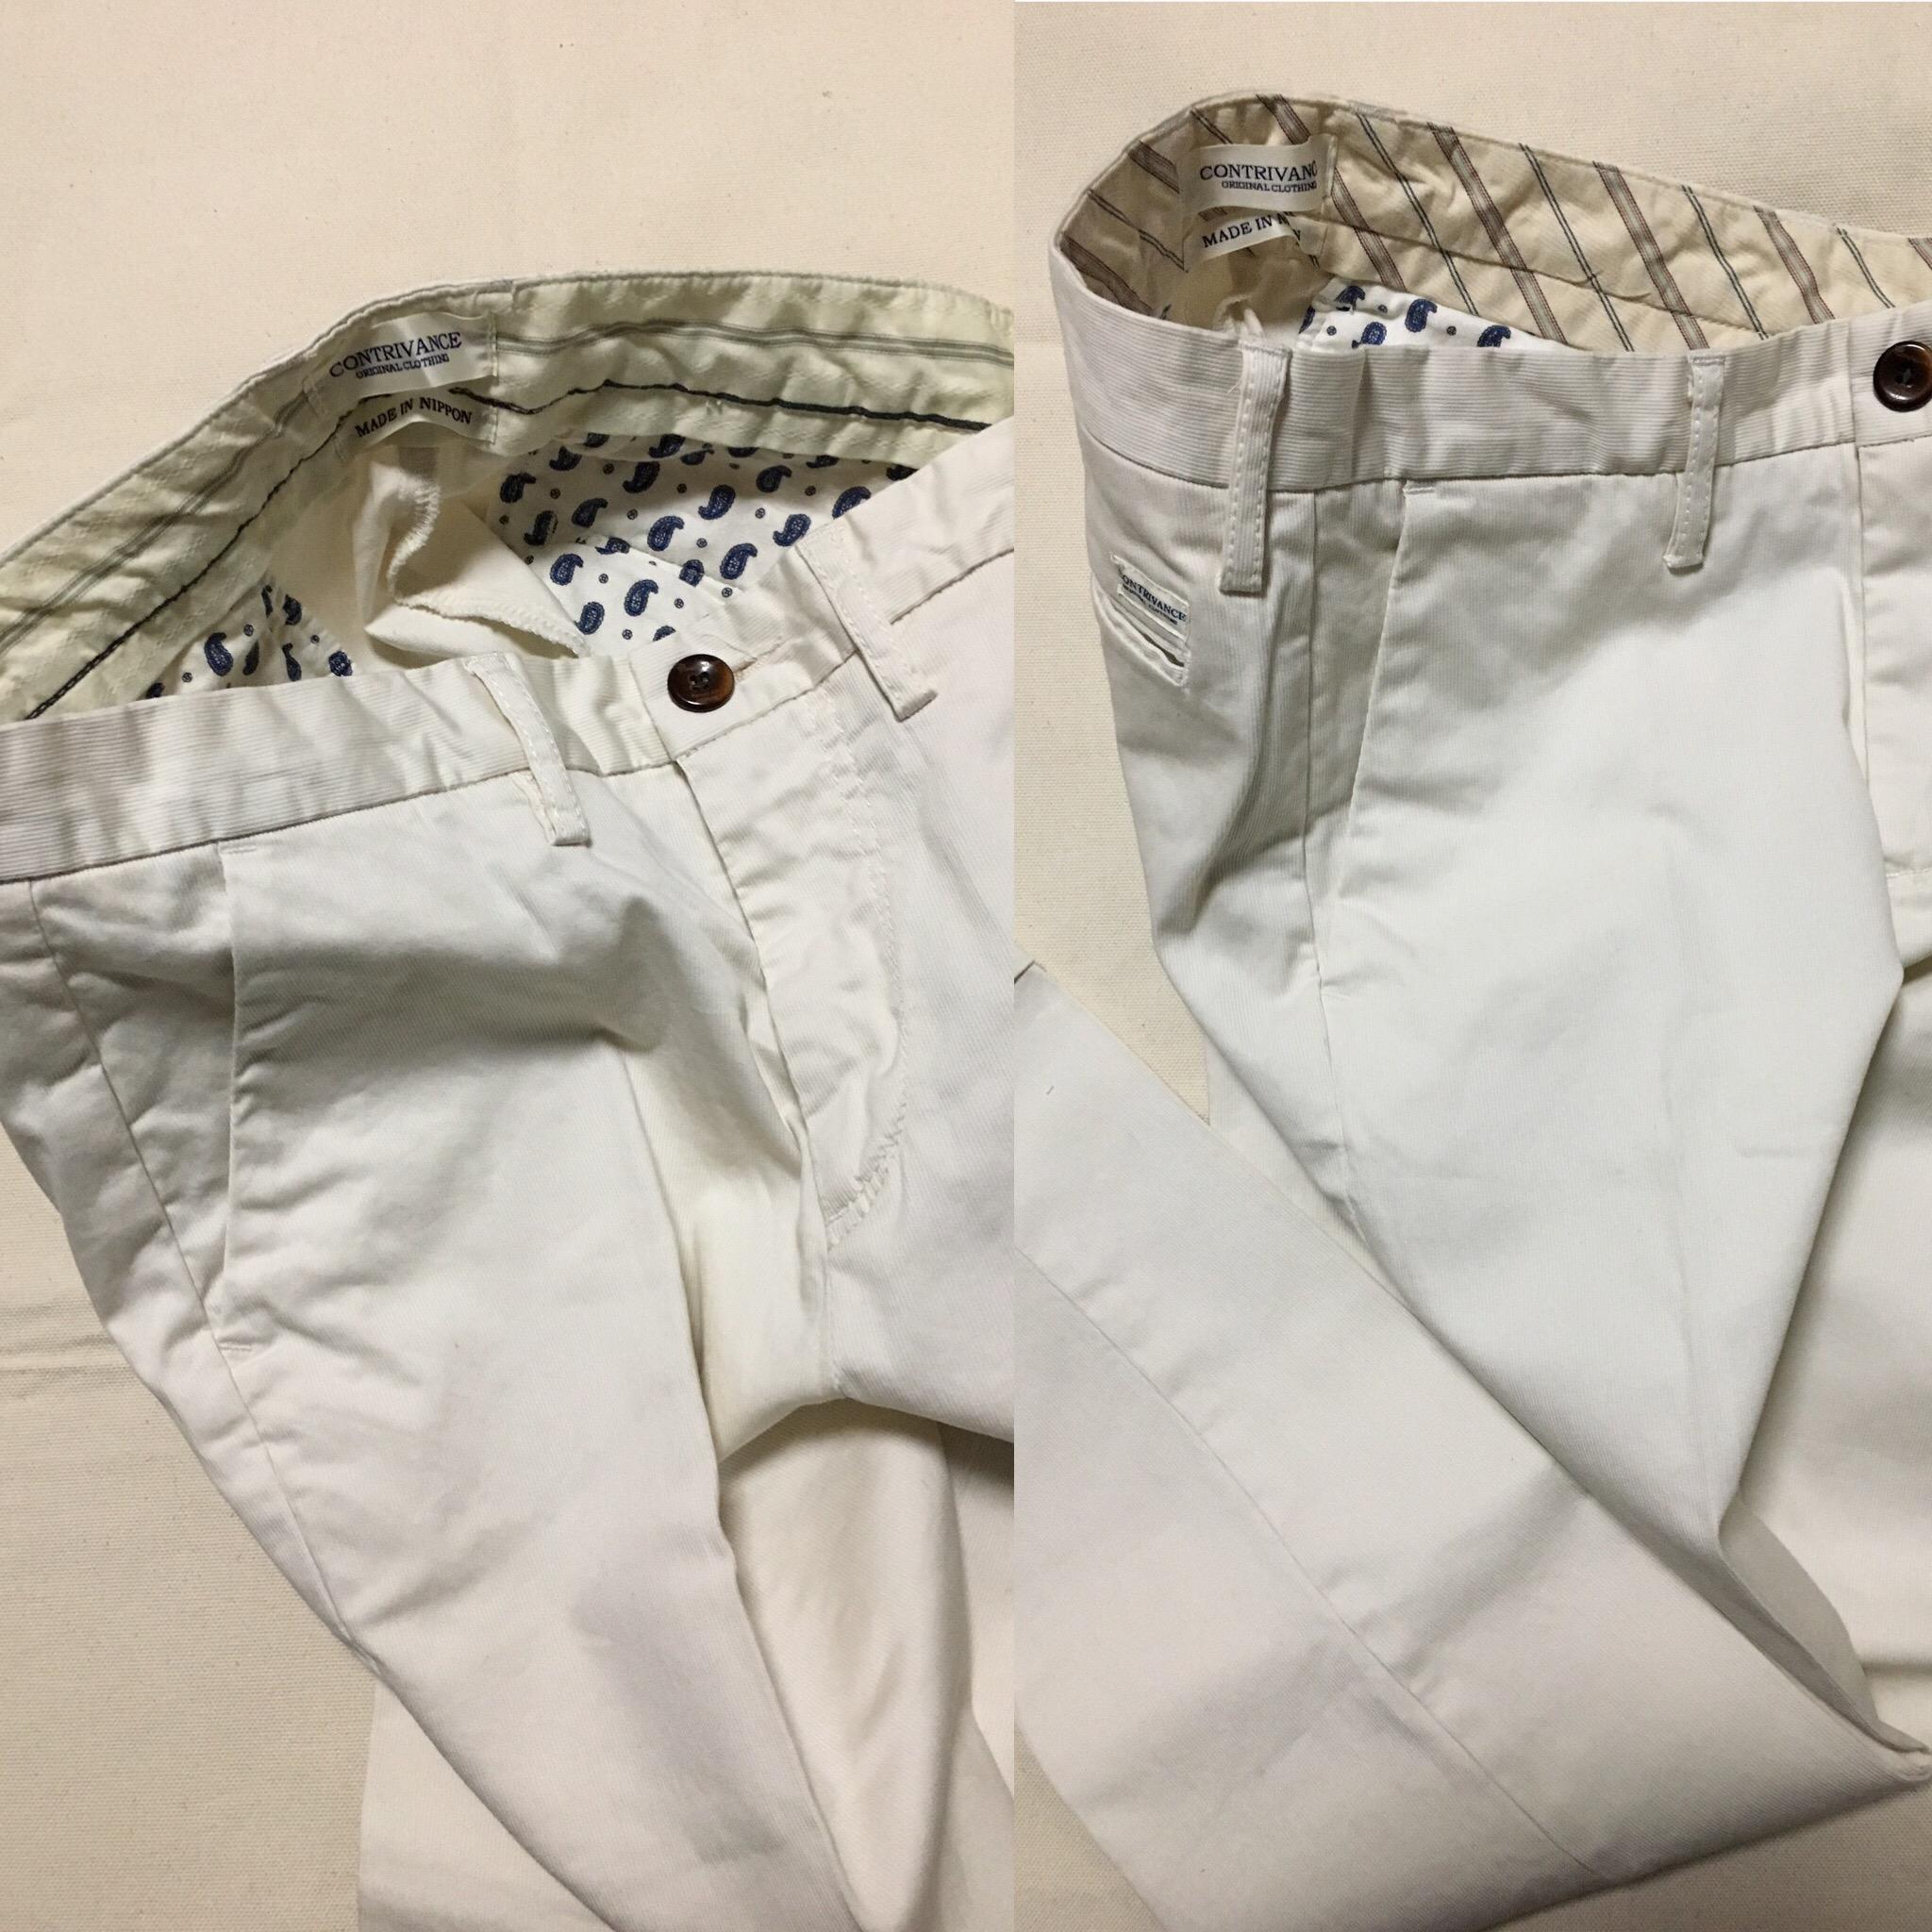 レディスパンツ 白の美しさにこだわる貴女の為に作った透けない白パンツ